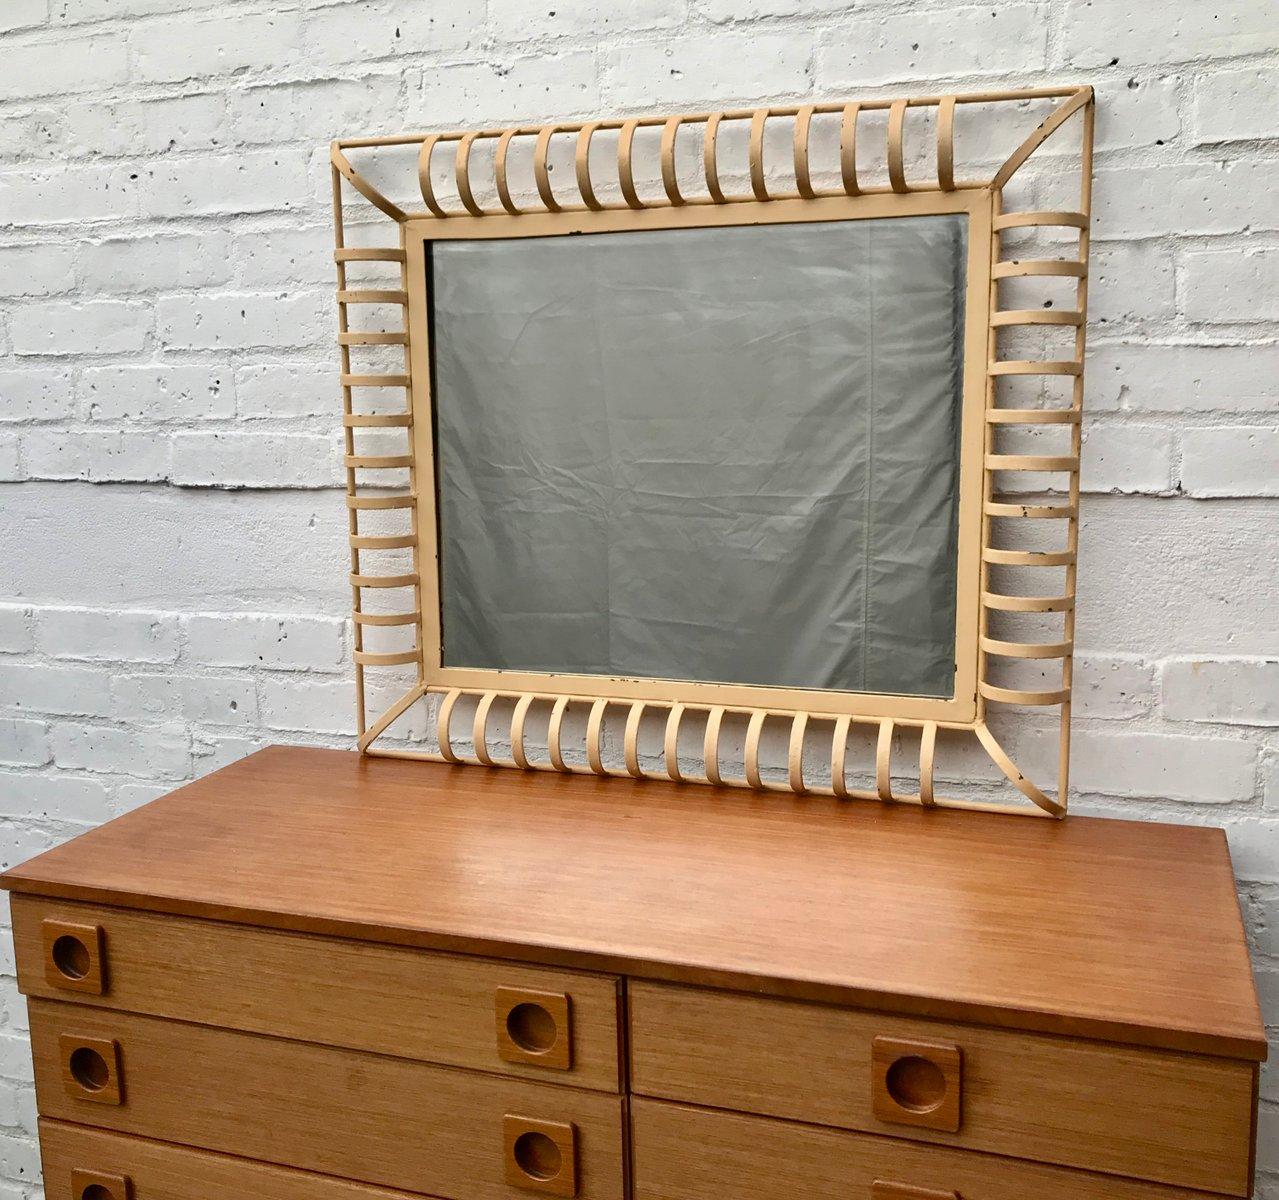 industrieller rechteckiger vintage wanspiegel mit metallrahmen bei pamono kaufen. Black Bedroom Furniture Sets. Home Design Ideas